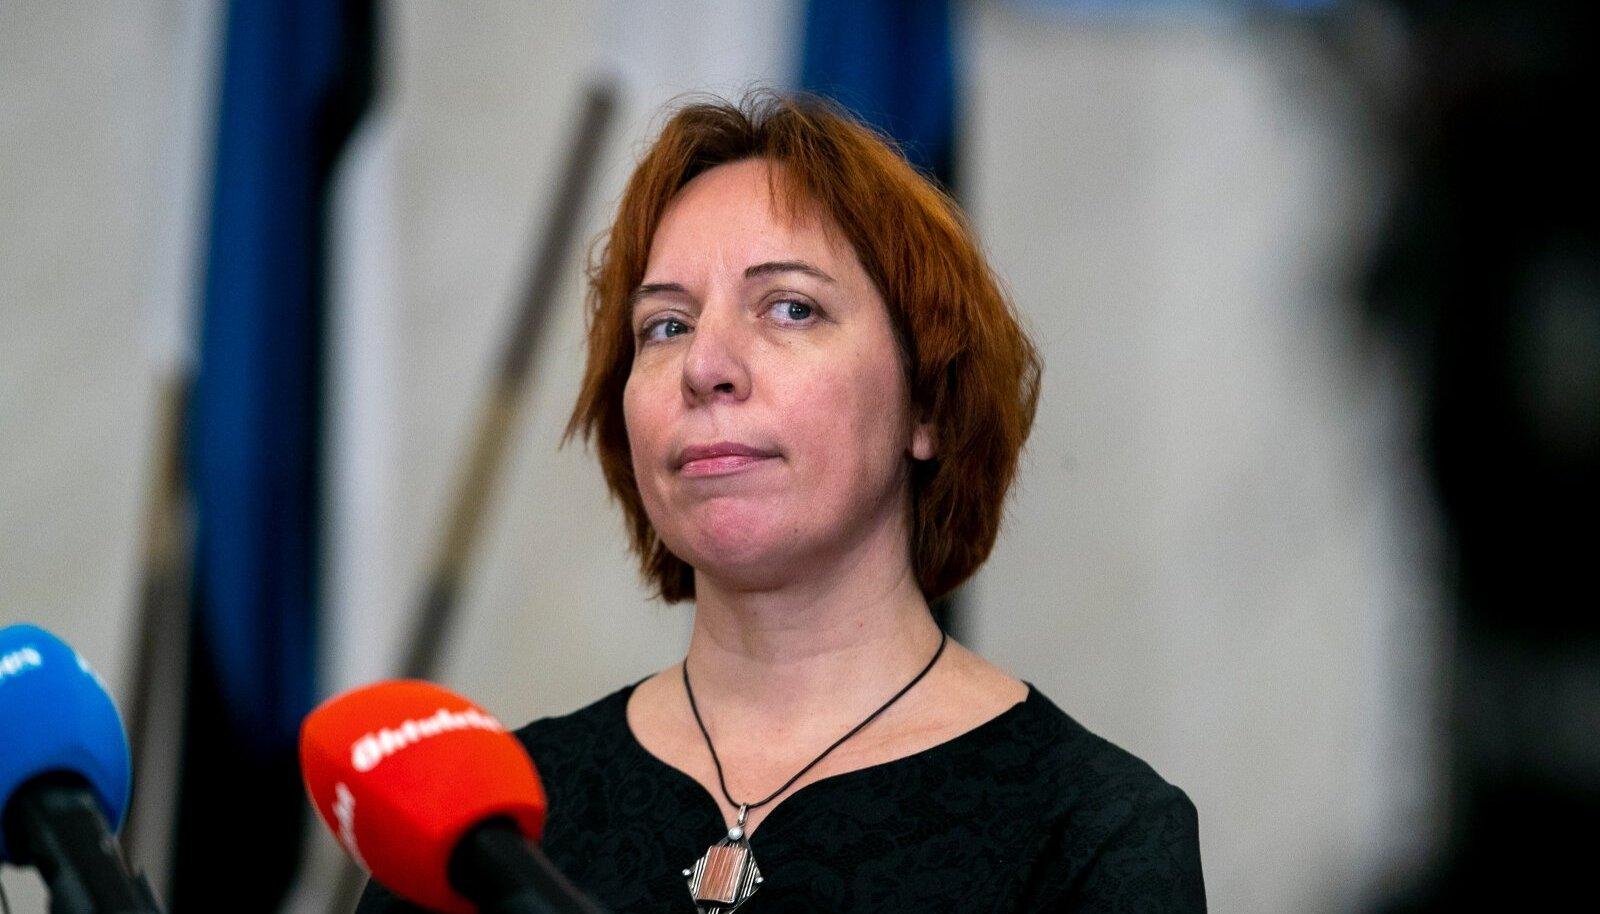 Koalitsiooninõukogu liikmena on Mailis Reps ikka riigielu üle otsustajate hulgas.